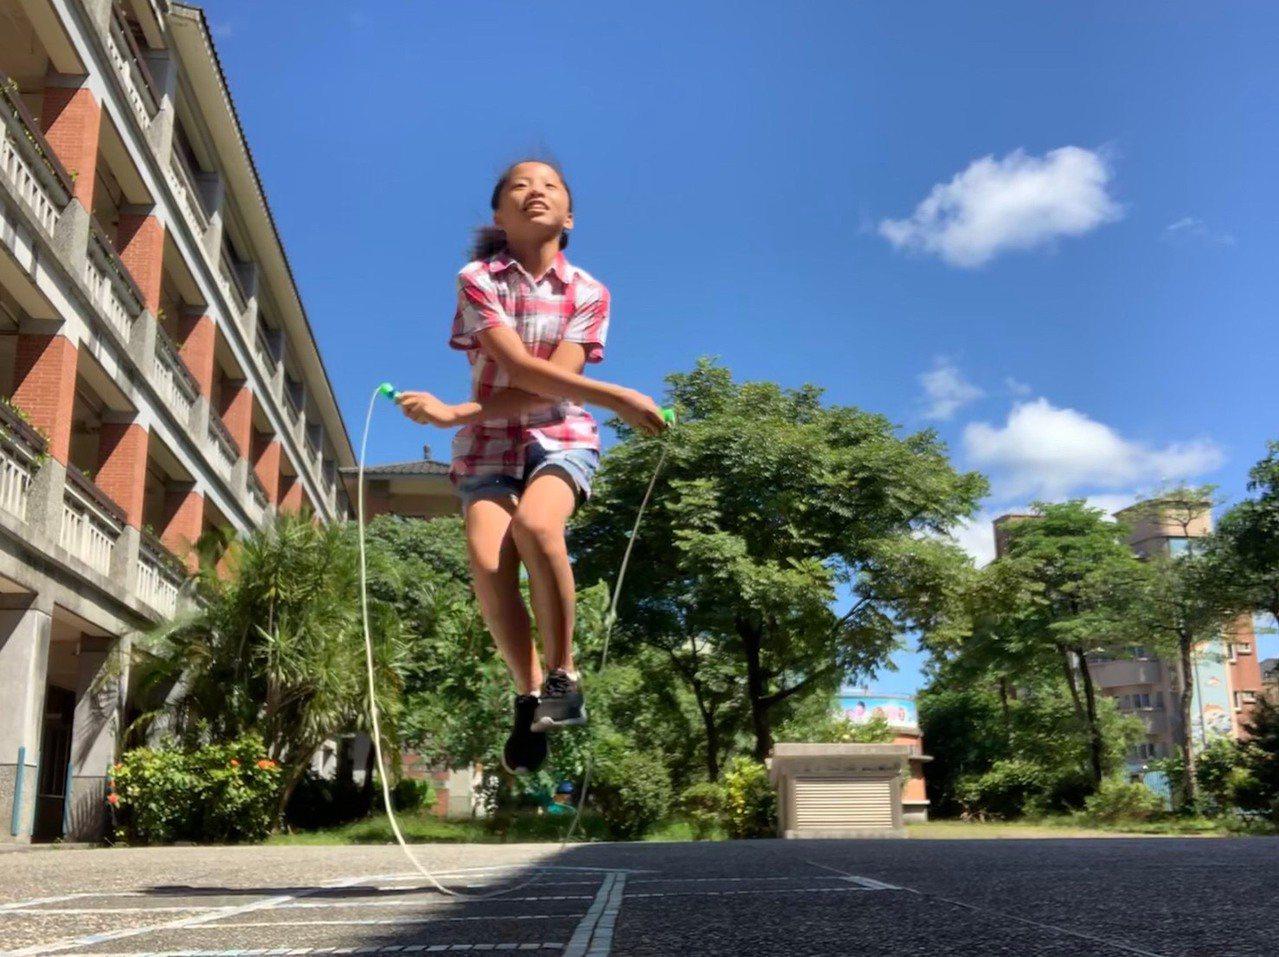 基隆女孩「跳」起來獲奬,她挑戰極限性別不限。圖/基隆市府提供